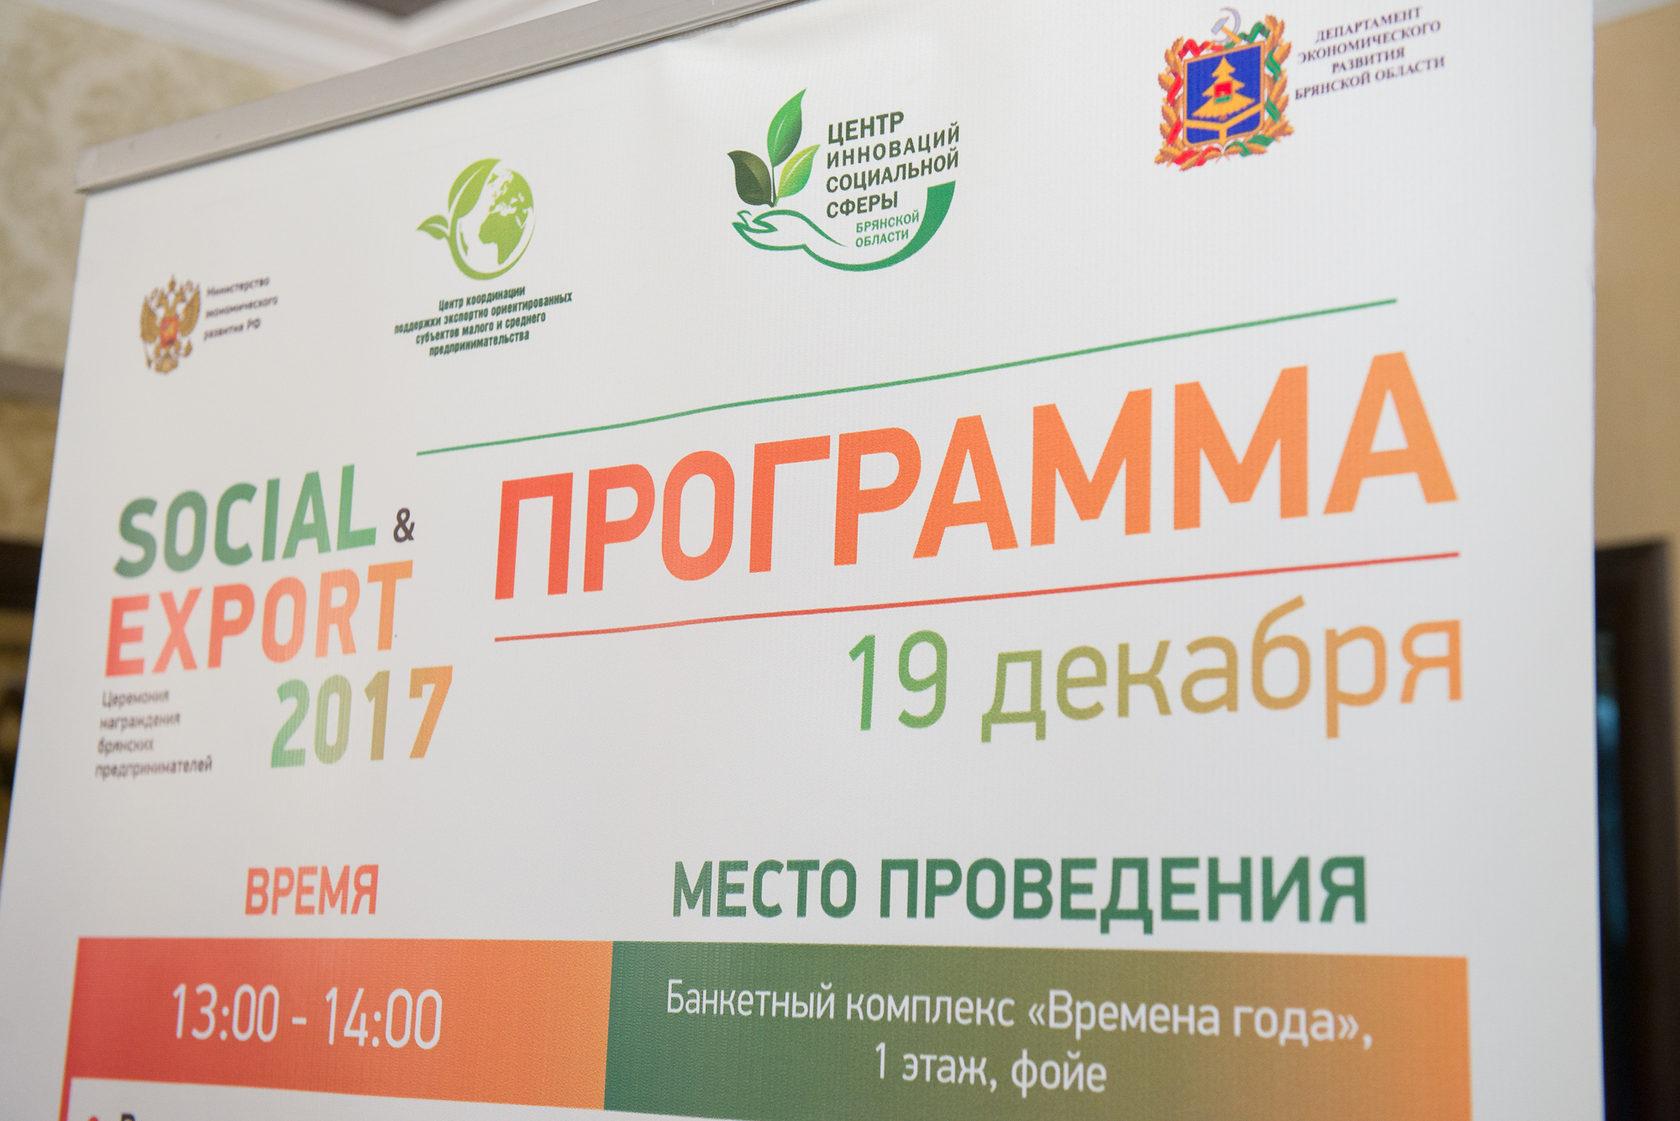 В Хабаровске пройдет экспортный форум Дни международного бизнеса